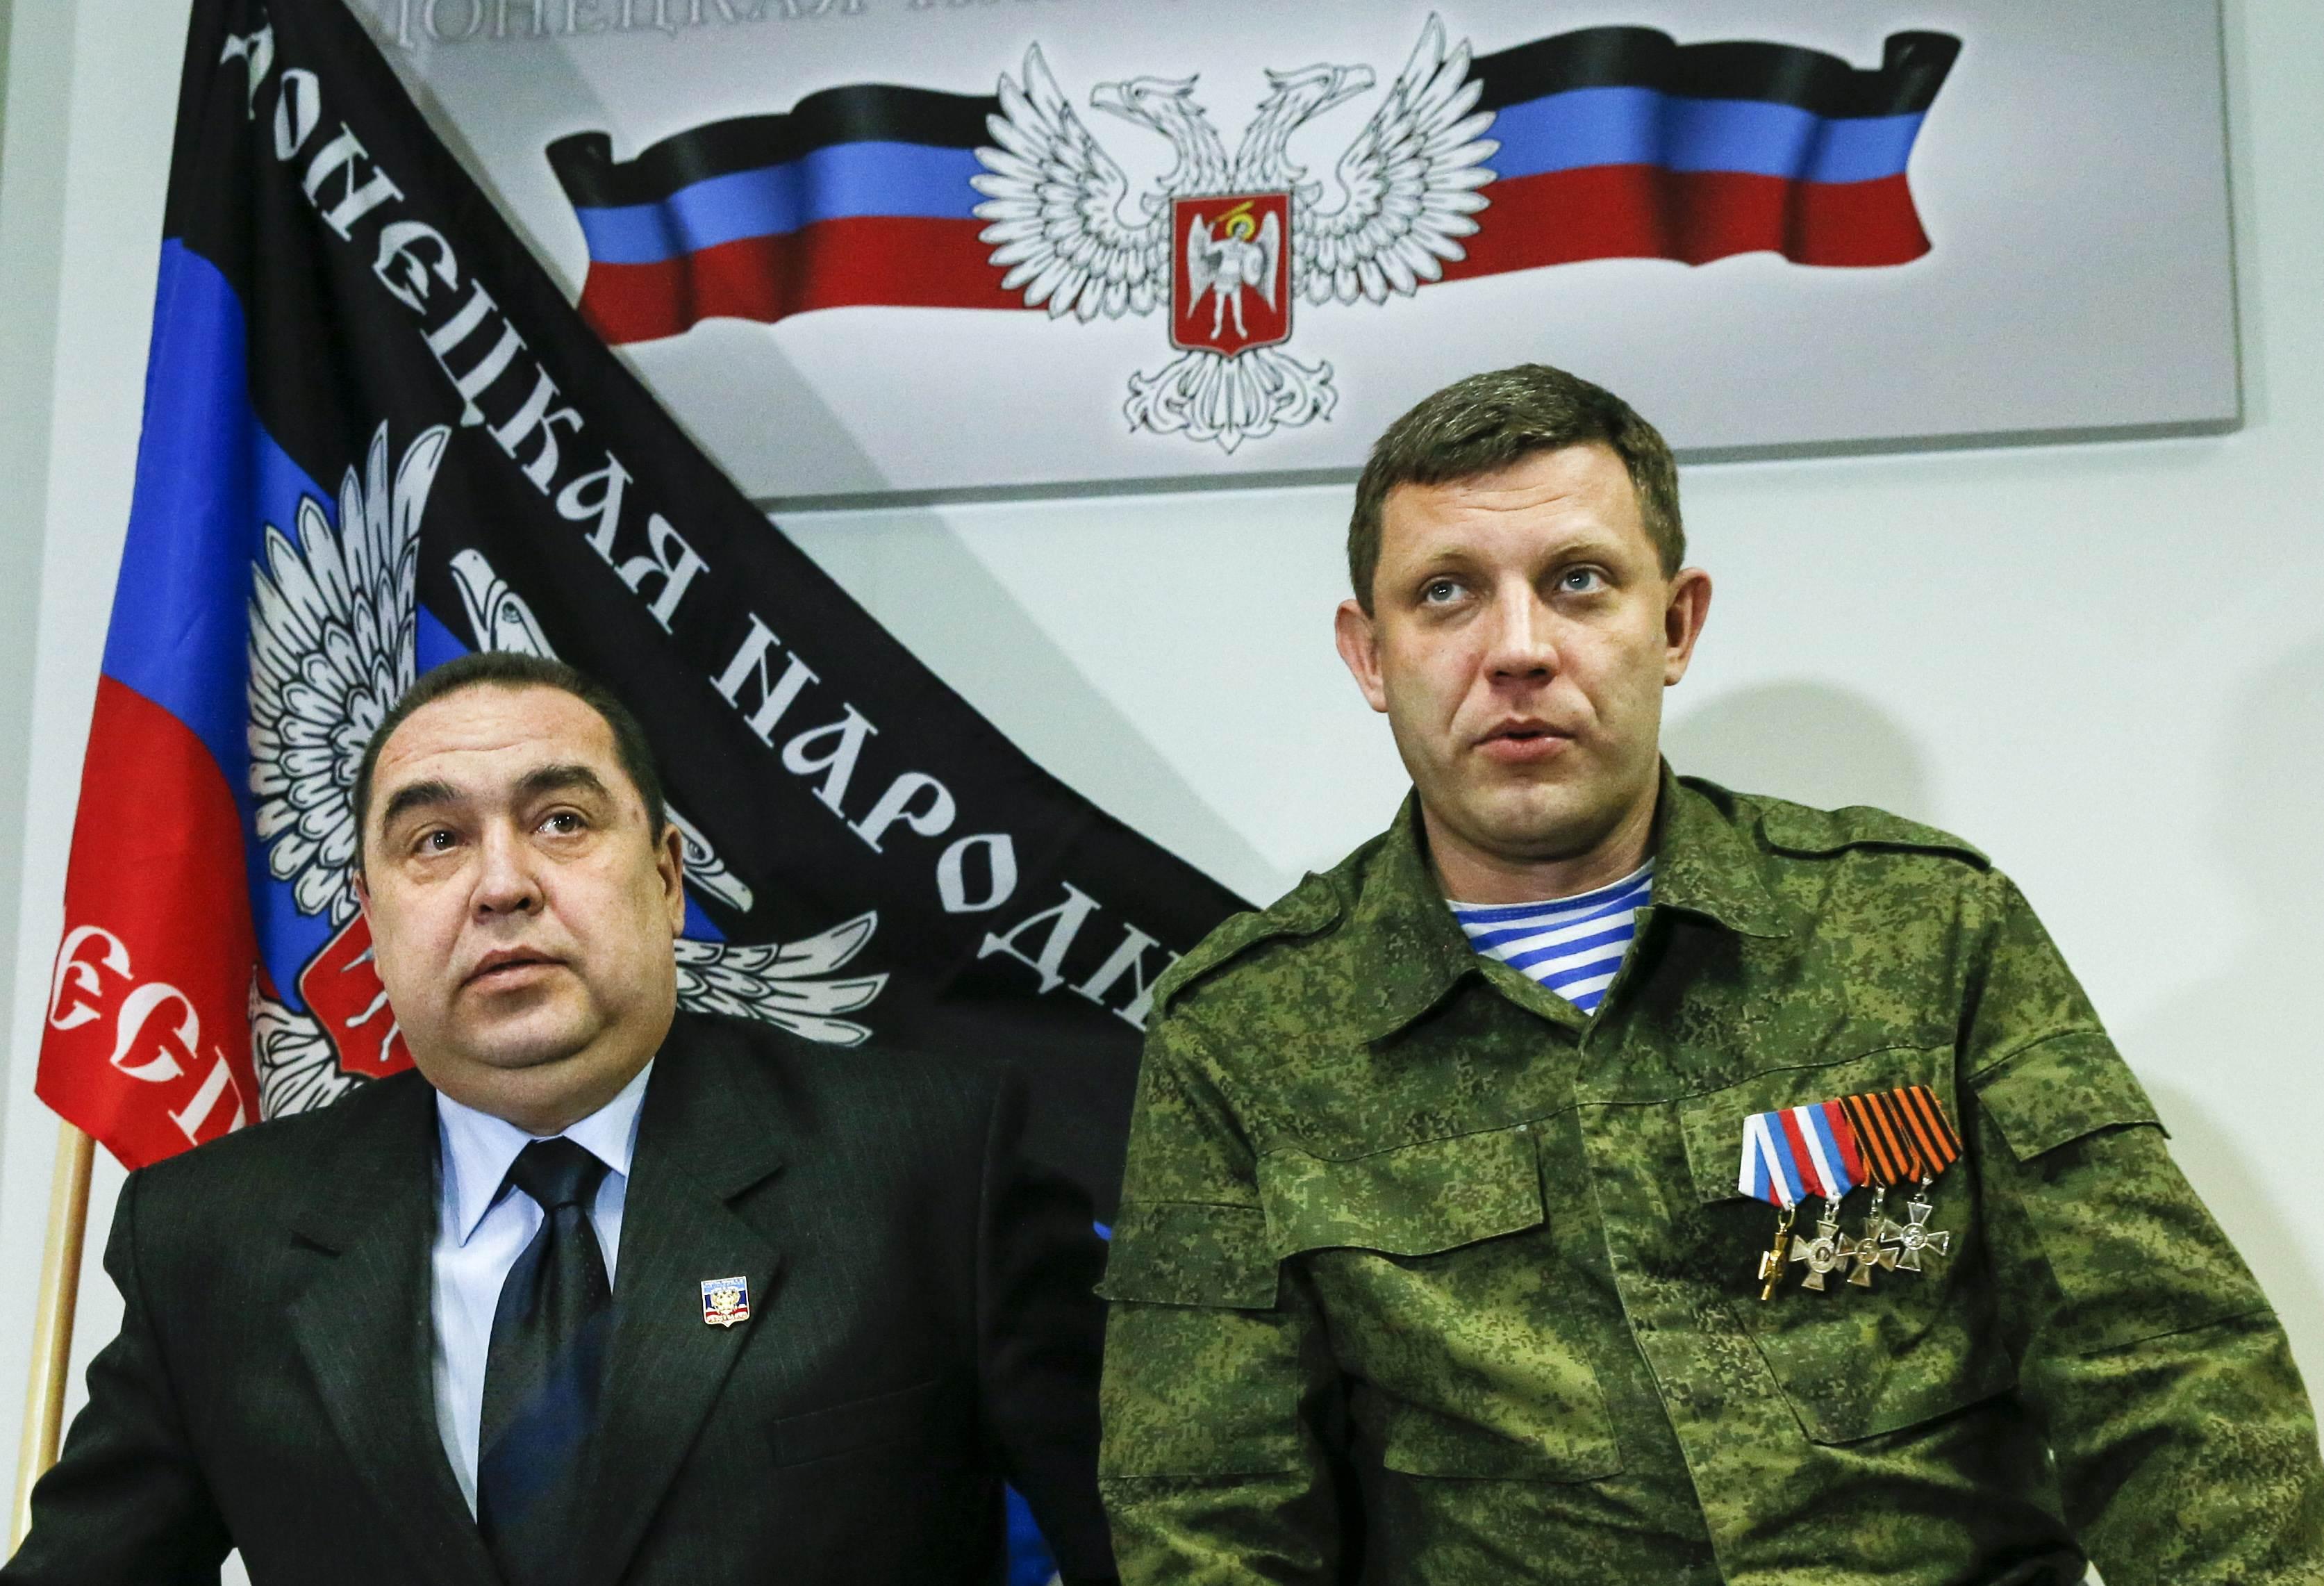 Захарченко и Плотницкого ждет незавидная судьба